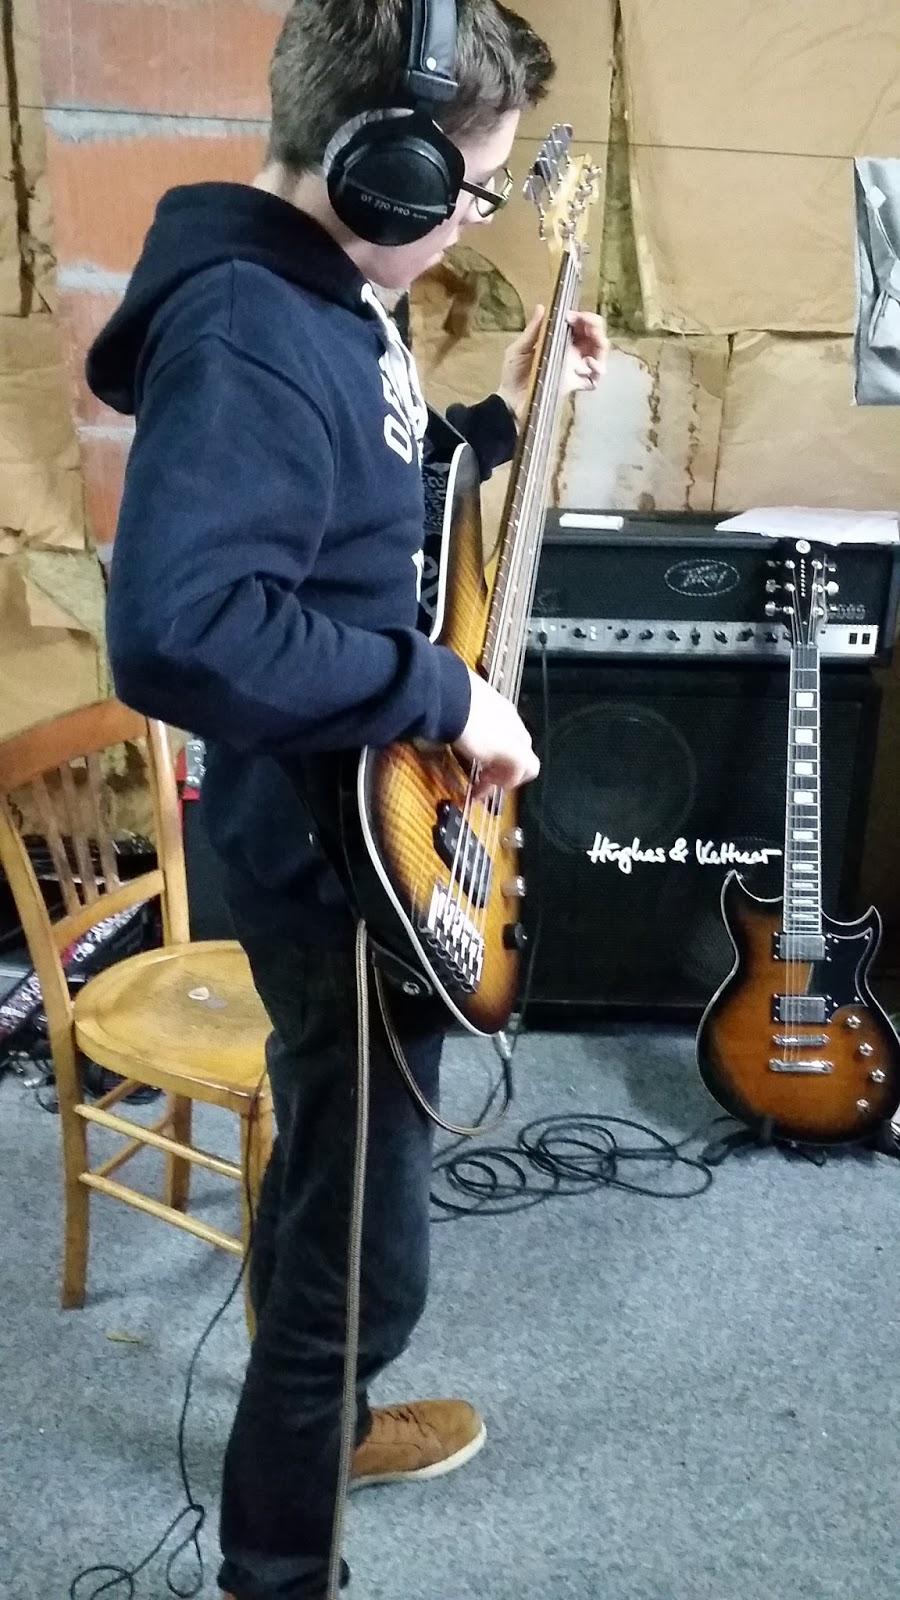 Gwenolé en enregistrement à la basse sur un titre Rock 'n' Roll Celtique Punk-Folk en breton